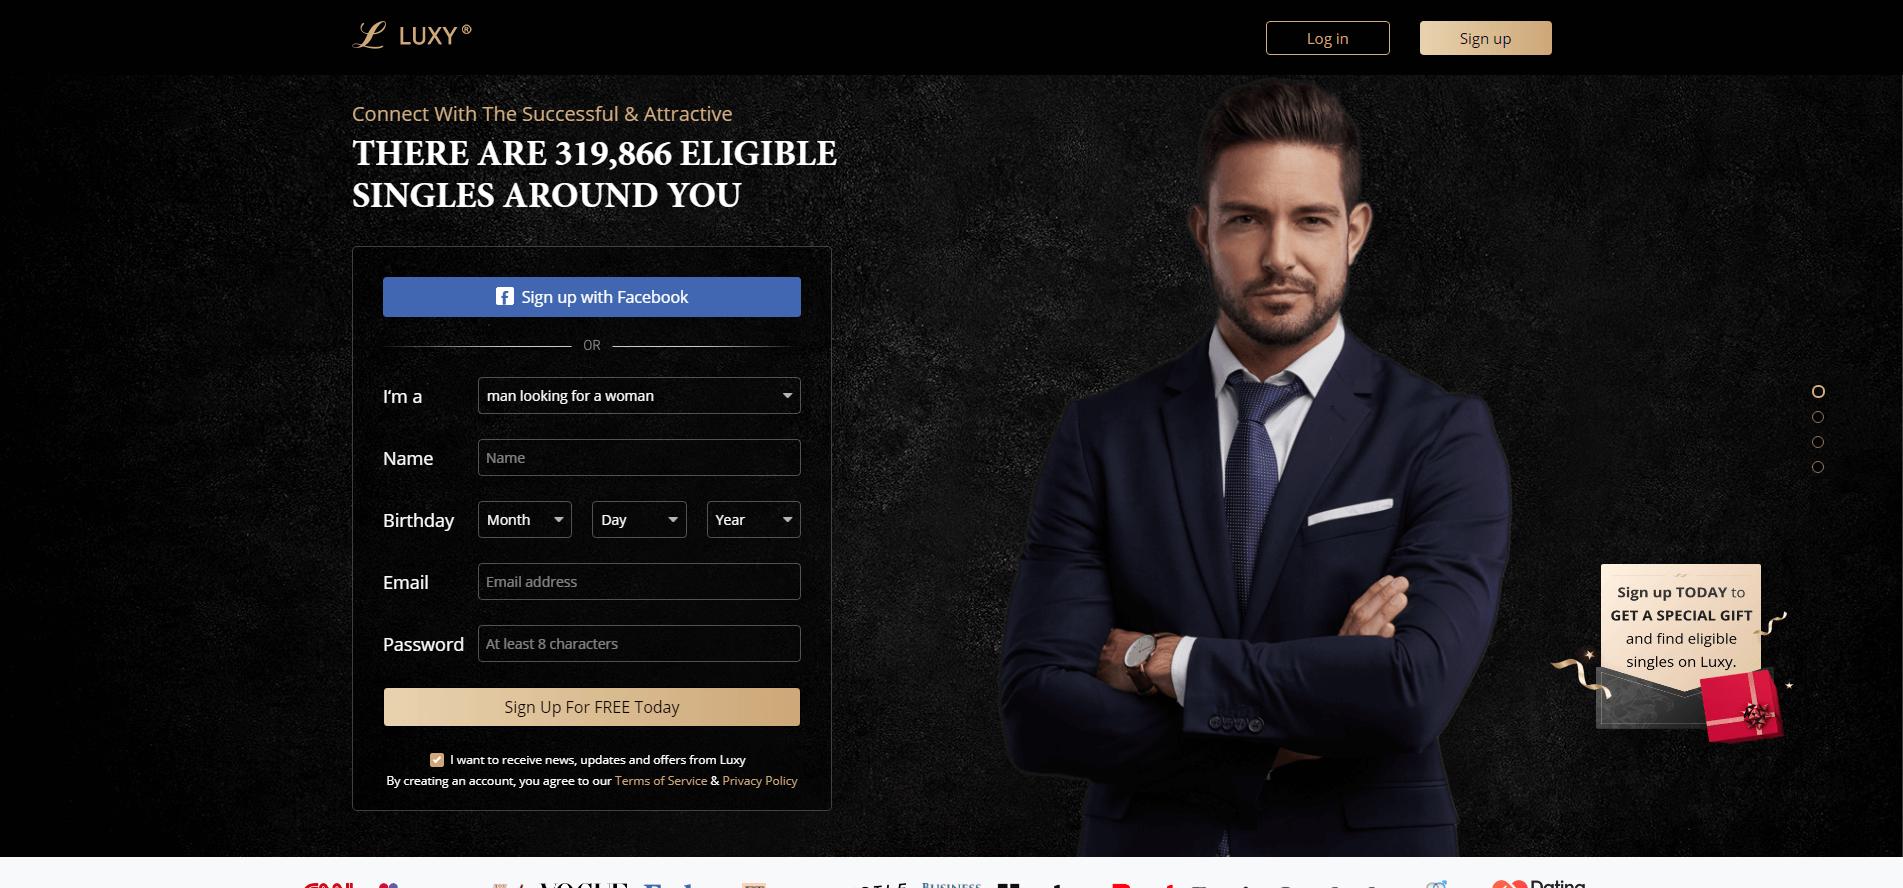 Zcela zdarma webové stránky pro připojení